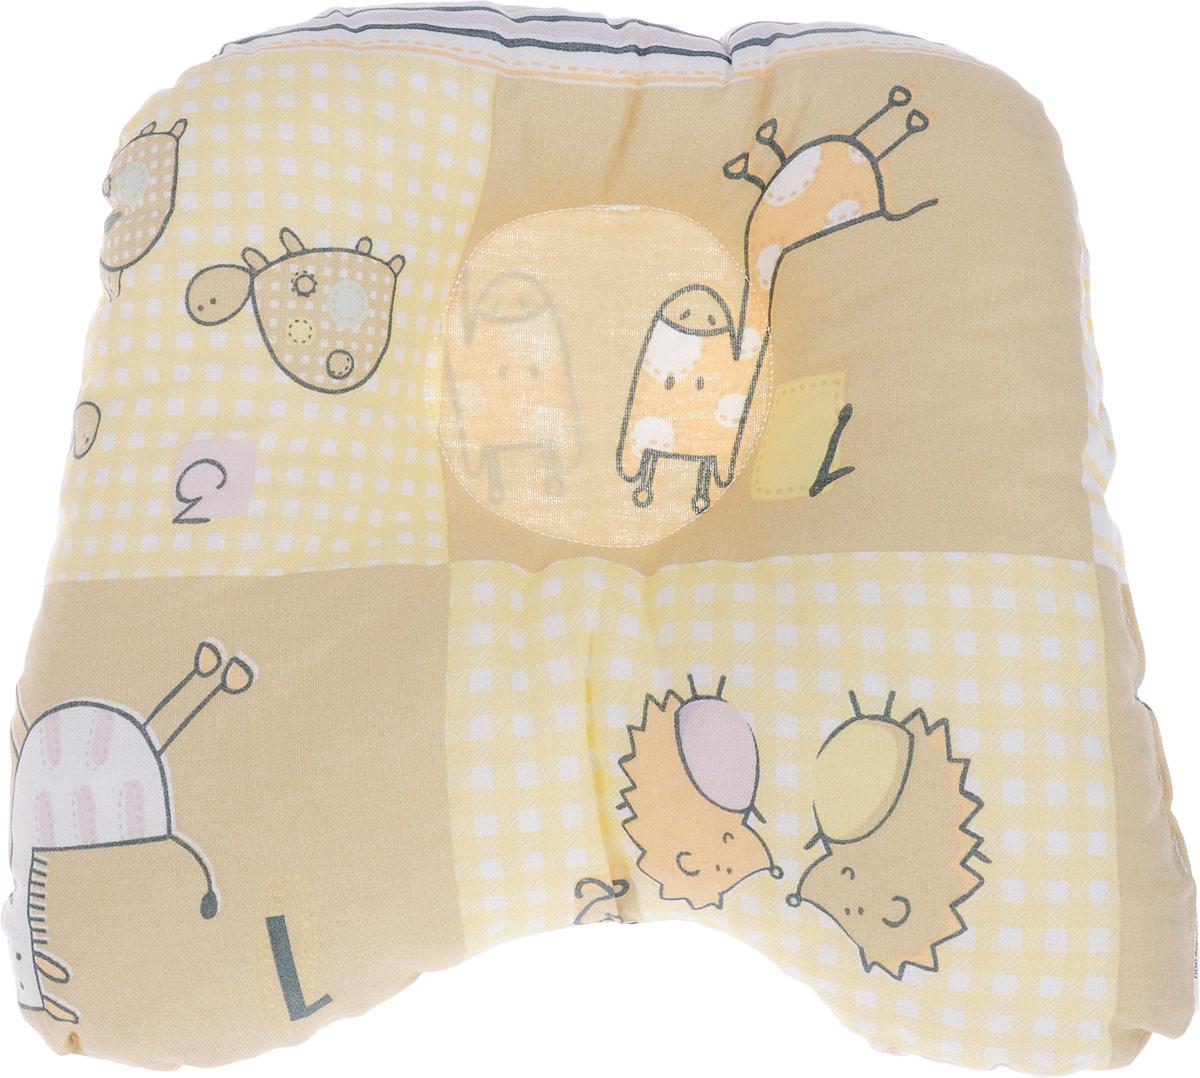 Сонный гномик Подушка анатомическая для младенцев Жираф и черепаха 27 х 25 см555А_желтый, бежевый, ежи, черепахиАнатомическая подушка для младенцев Сонный гномик Жираф и черепаха изготовлена из бязи - 100% хлопка. Наполнитель - синтепон в гранулах (100% полиэстер).Подушка компактна и удобна для пеленания малыша и кормления на руках, она также незаменима для сна ребенка в кроватке и комфортна для использования в коляске на прогулке. Углубление в подушке фиксирует правильное положение головы ребенка.Подушка помогает правильному формированию шейного отдела позвоночника.